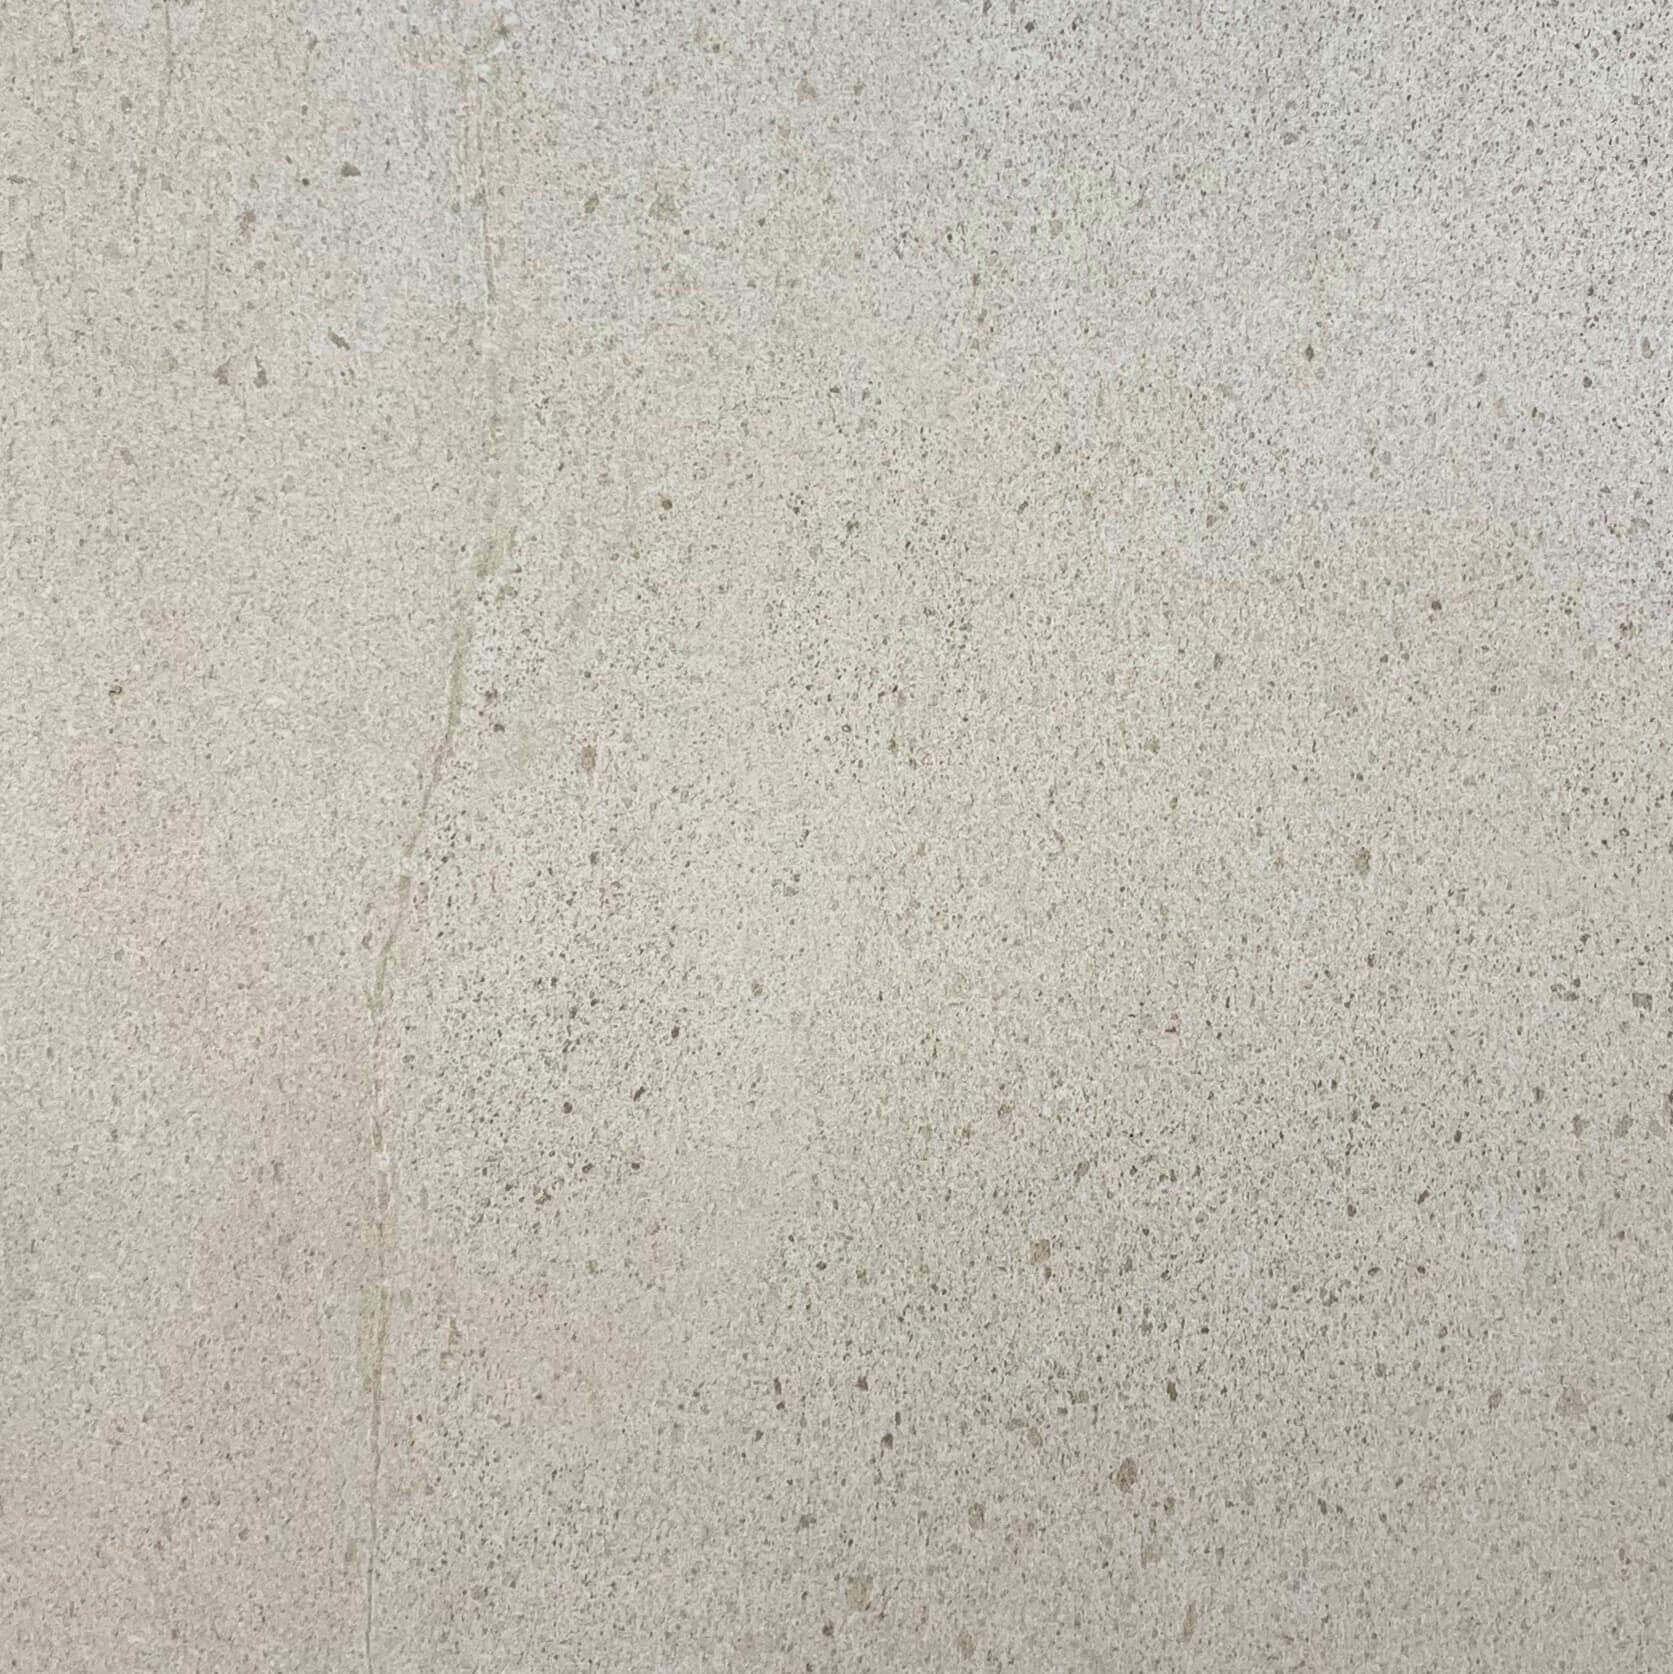 Matt Beige Rectified Porcelain Floor Tile 6988